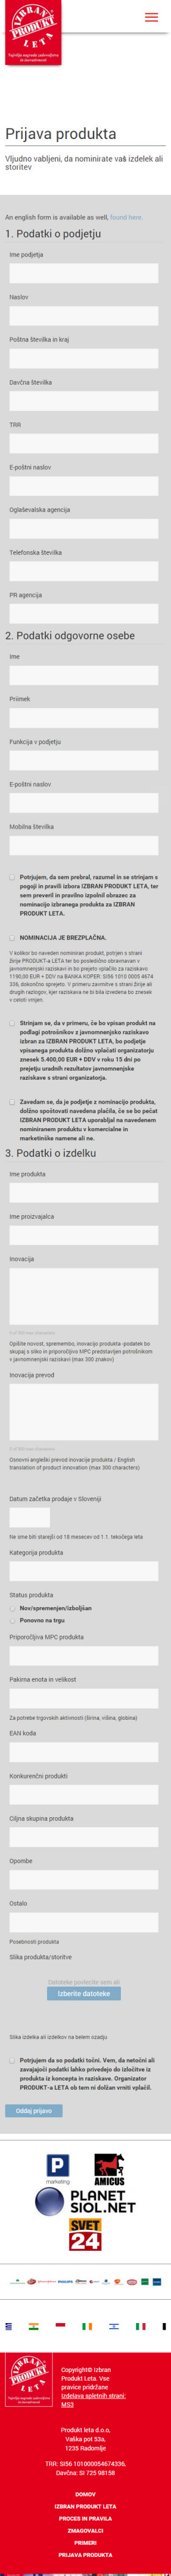 http://www.produktleta.si/prijava-produkta/